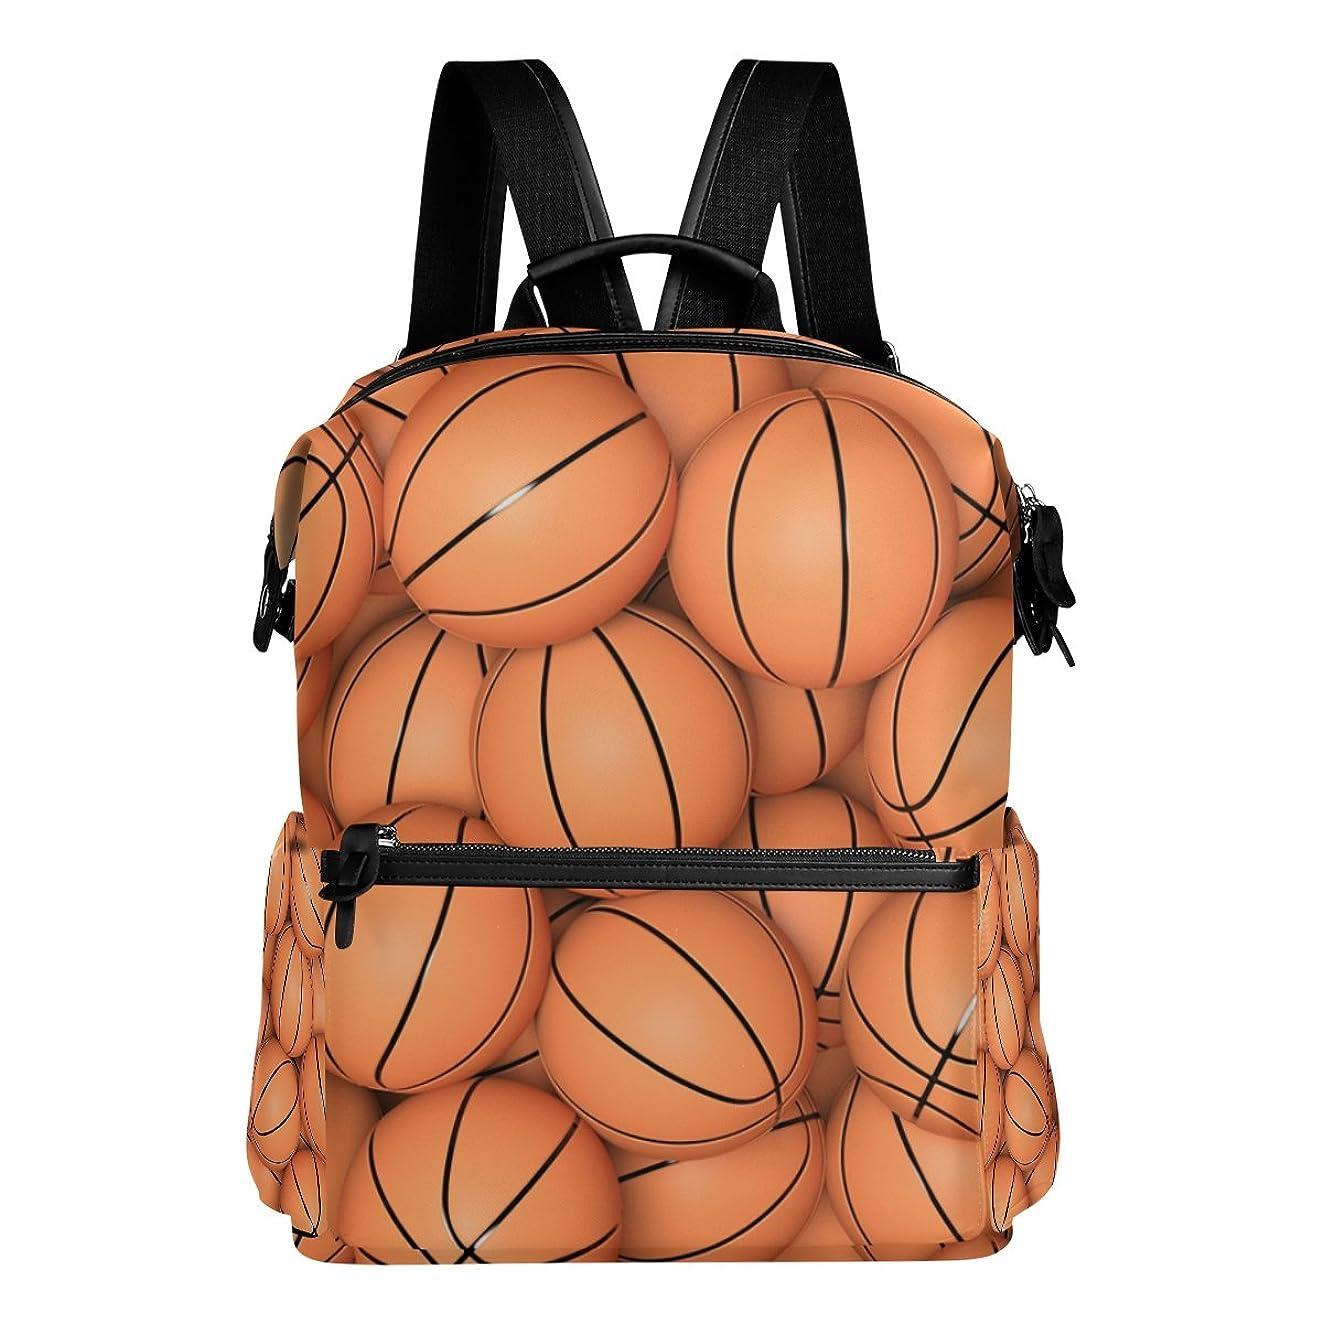 ロータリータヒチ利益AOMOKI リュック リュックサック 旅行 大容量 メンズ レディース バスケットボール